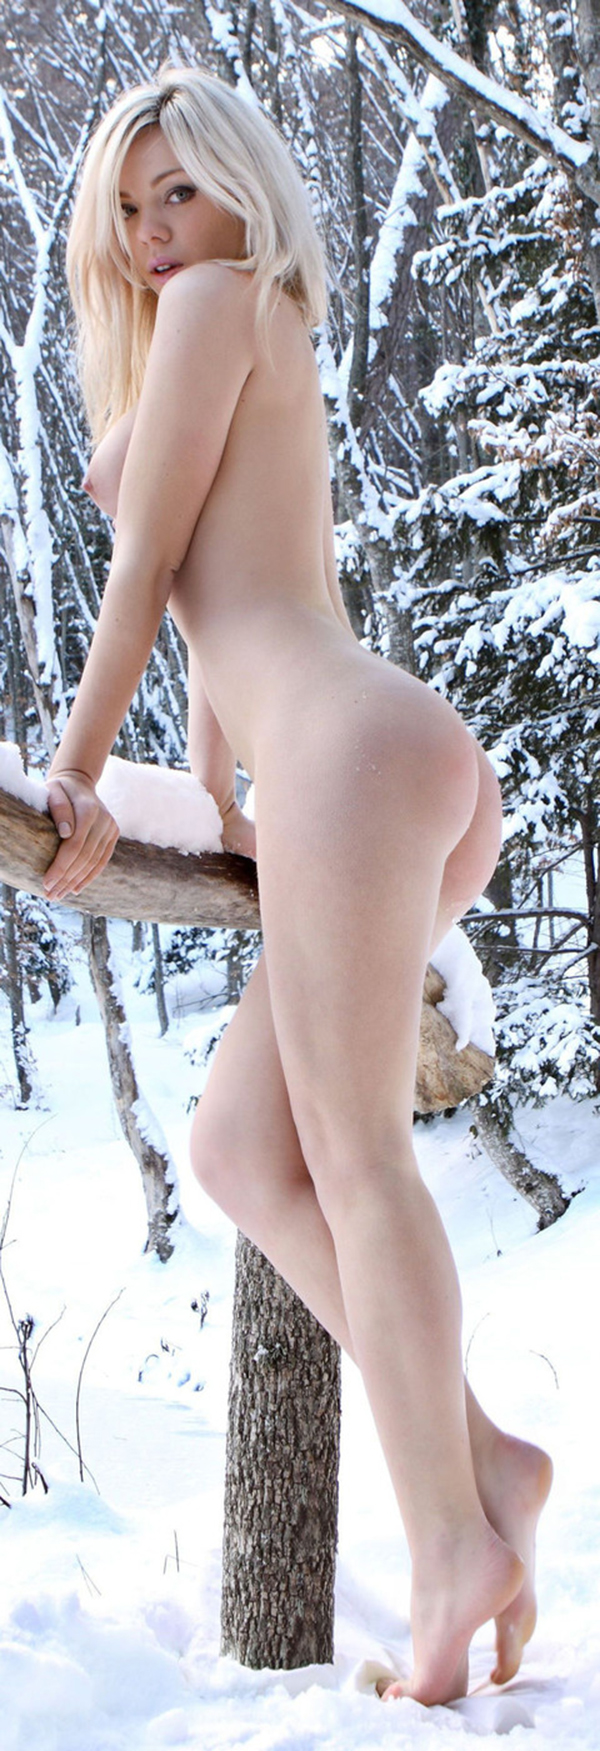 【海外野外露出エロ画像】海外の女の子たちの真っ白な肌が映える!野外ヌード! 42